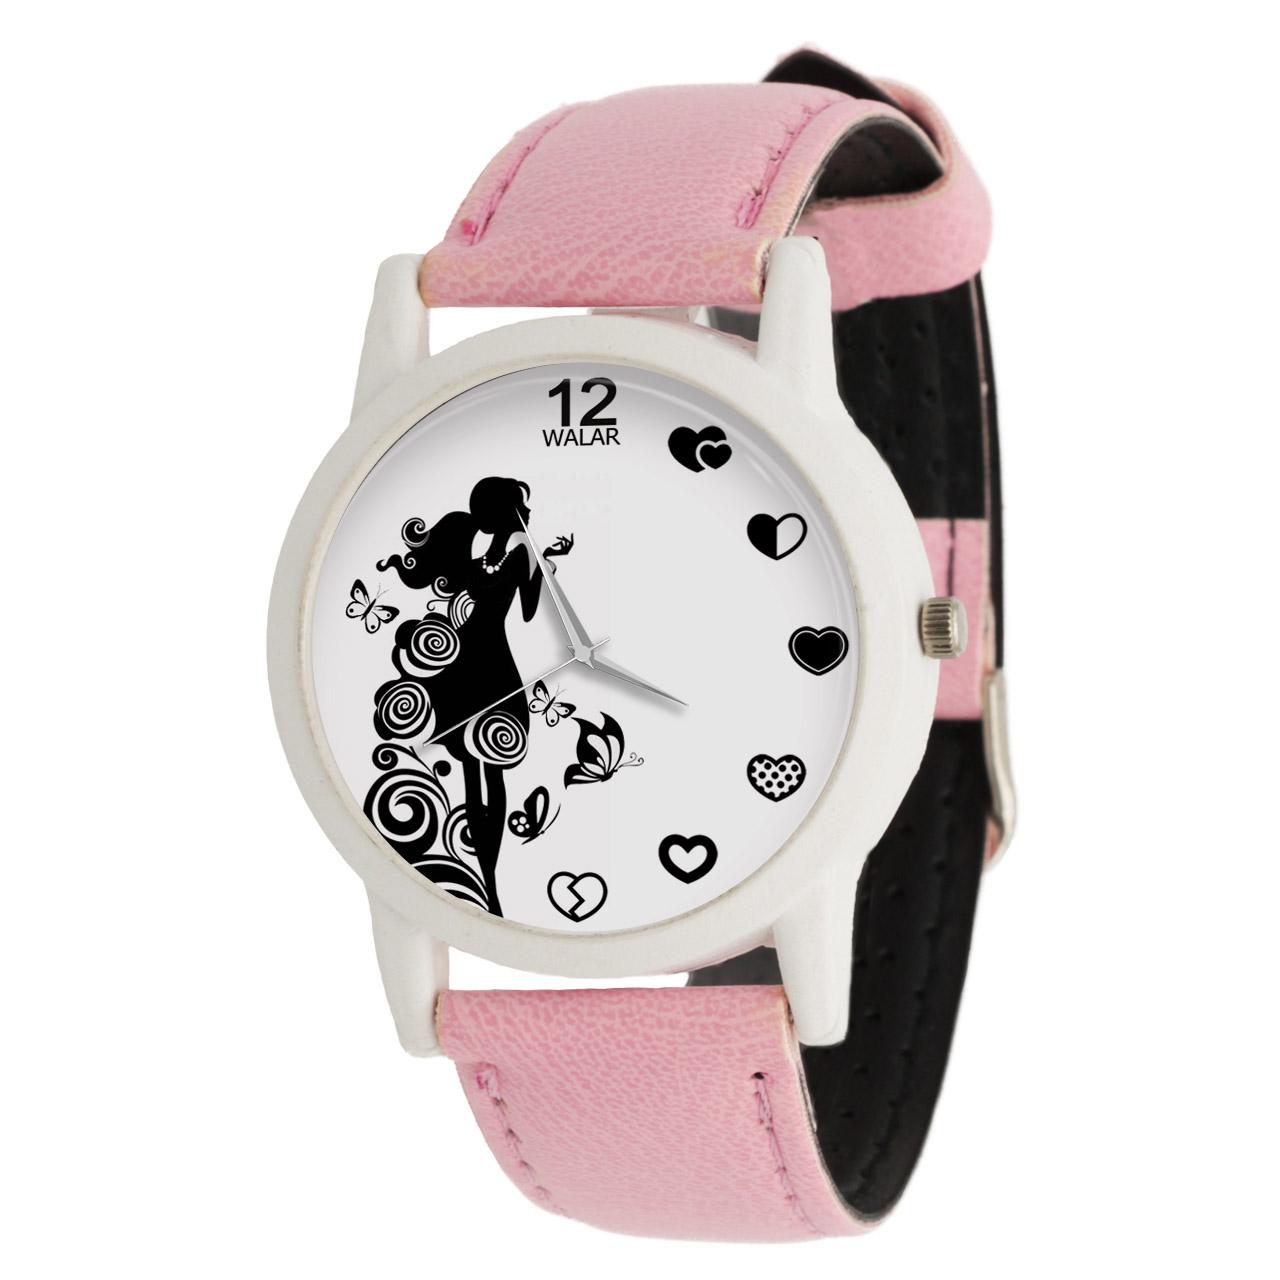 ساعت مچی عقربه ای زنانه والار کد LF1743              خرید (⭐️⭐️⭐️)